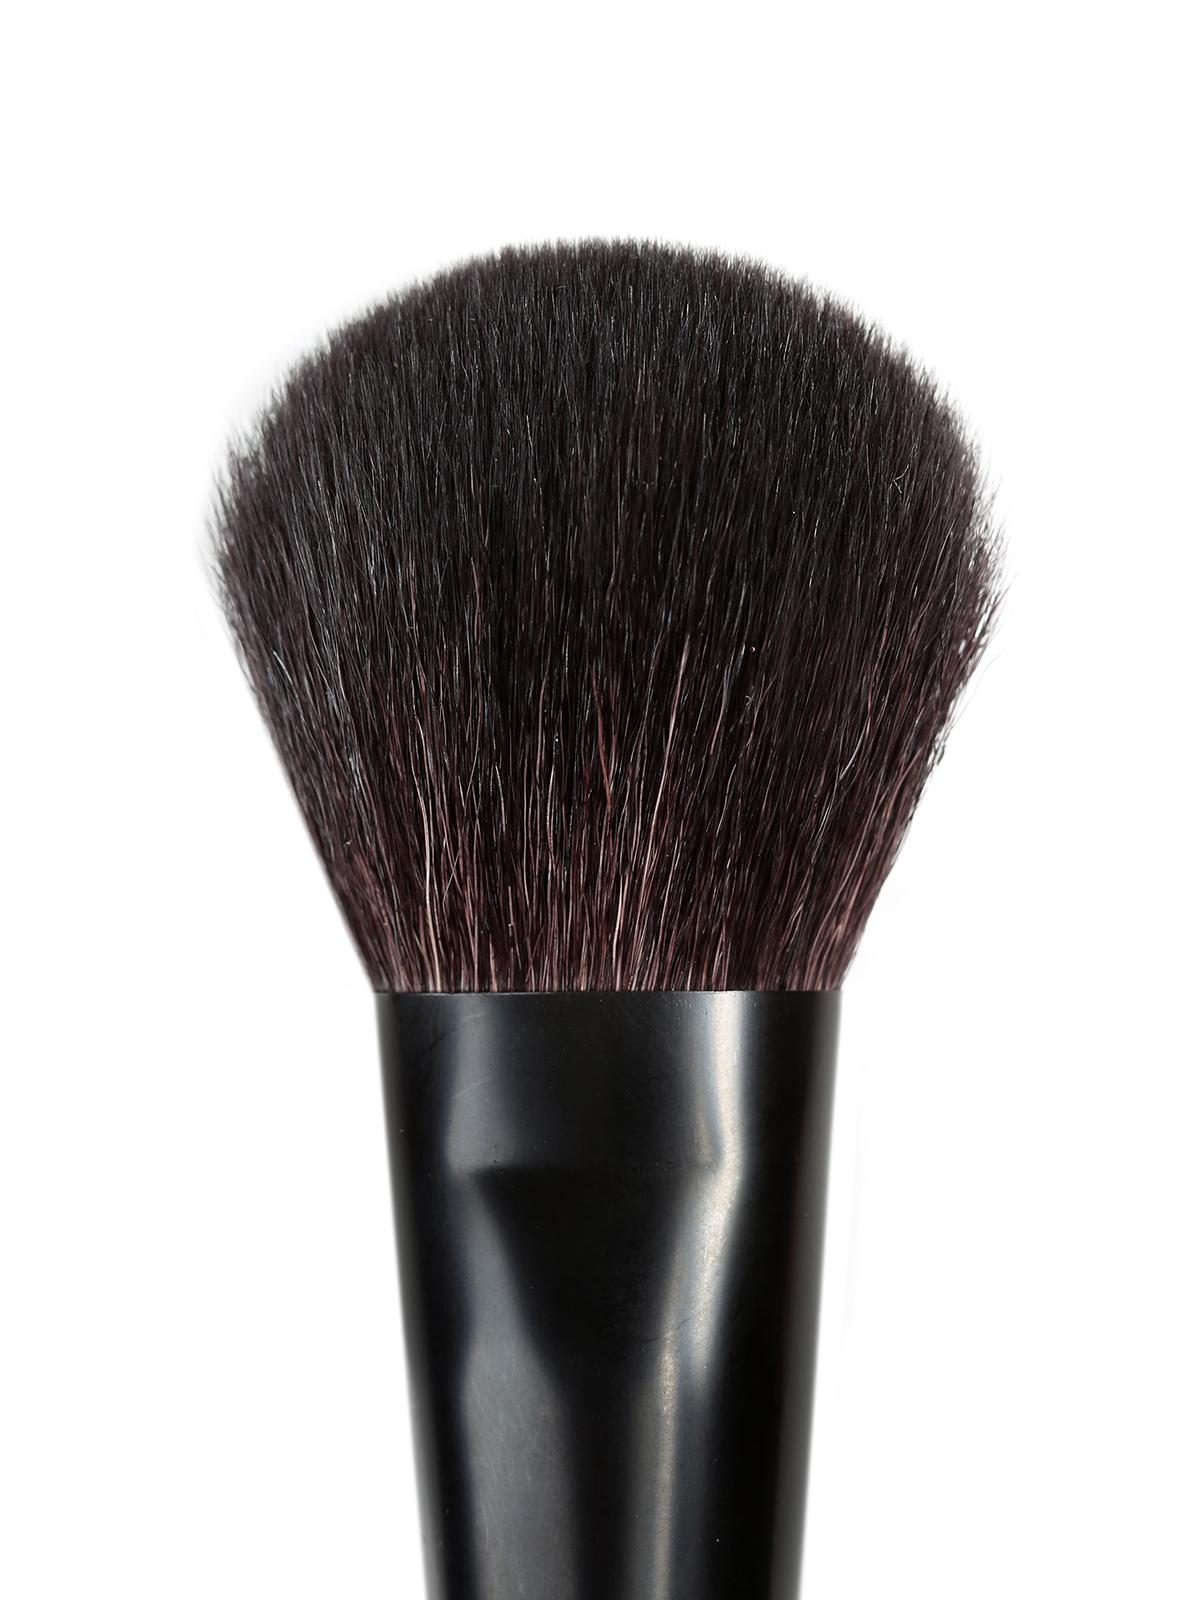 Blush Brush #222